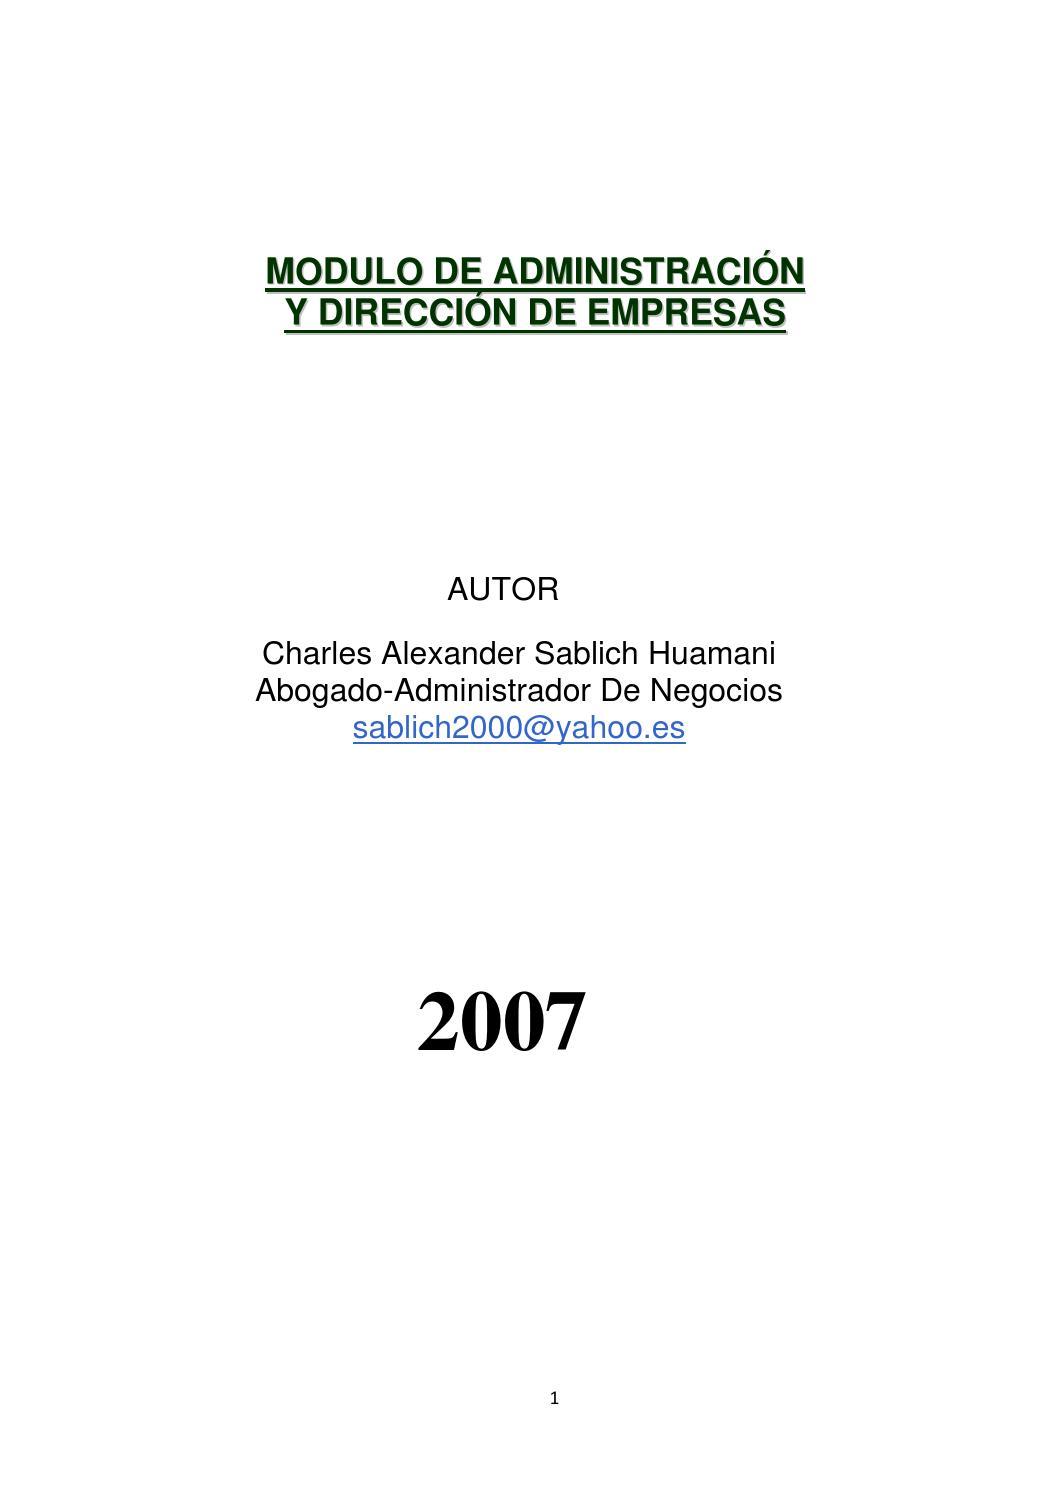 Modulo administracion direccion empresas libro by Charles Alexander ...